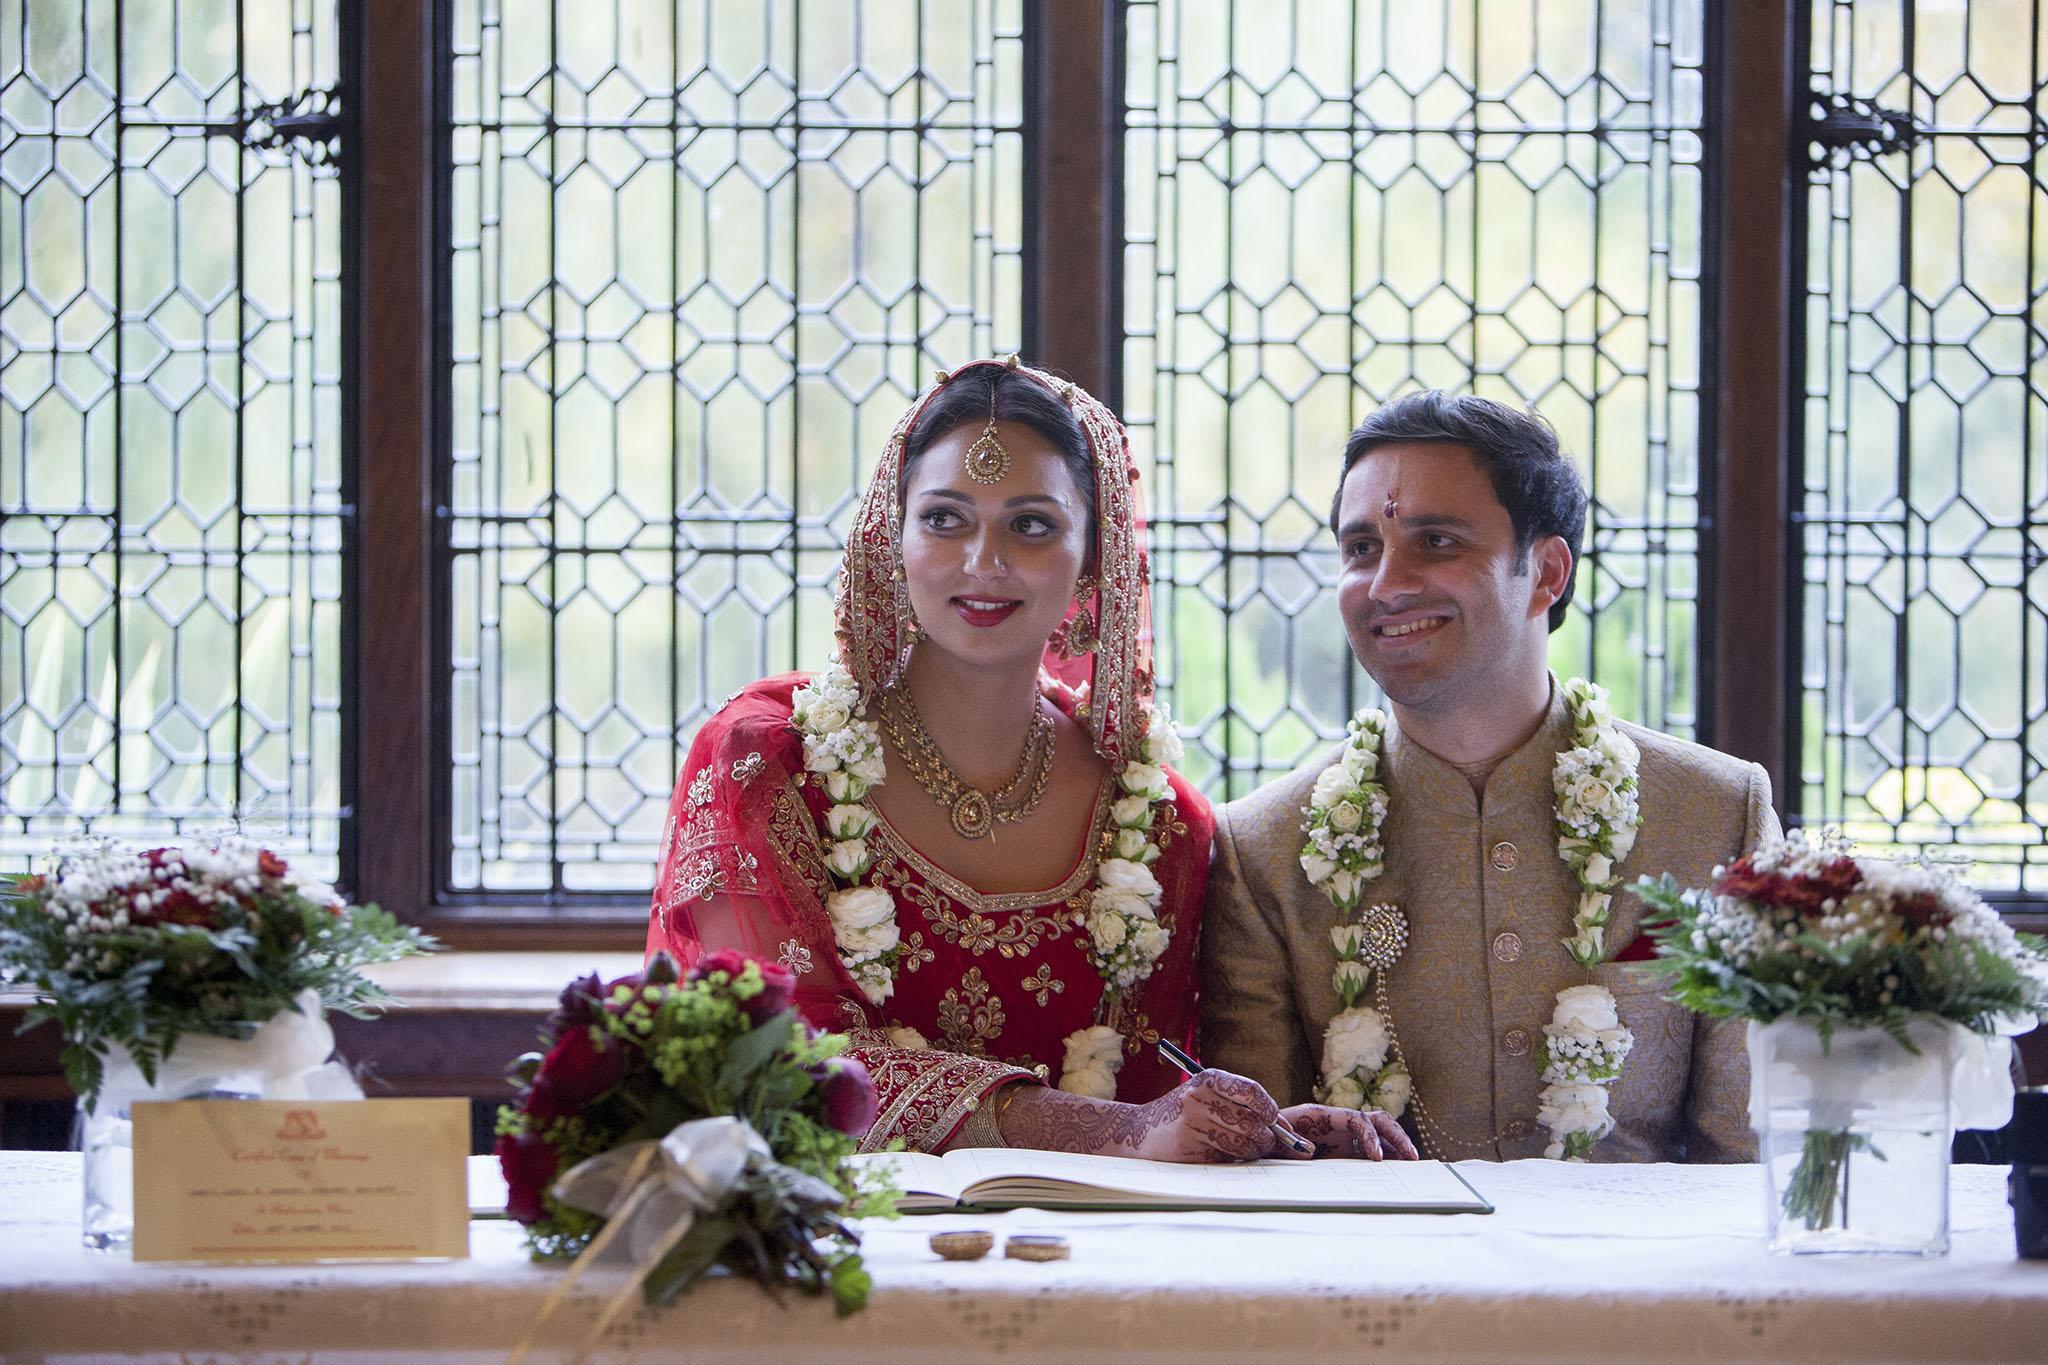 elizabethgphotography_kingslangley_hertfordshire_fineart_indian_wedding_photography_bhavesh_kundalata_bhaktivedanta_manor_watford_jpg55.jpg